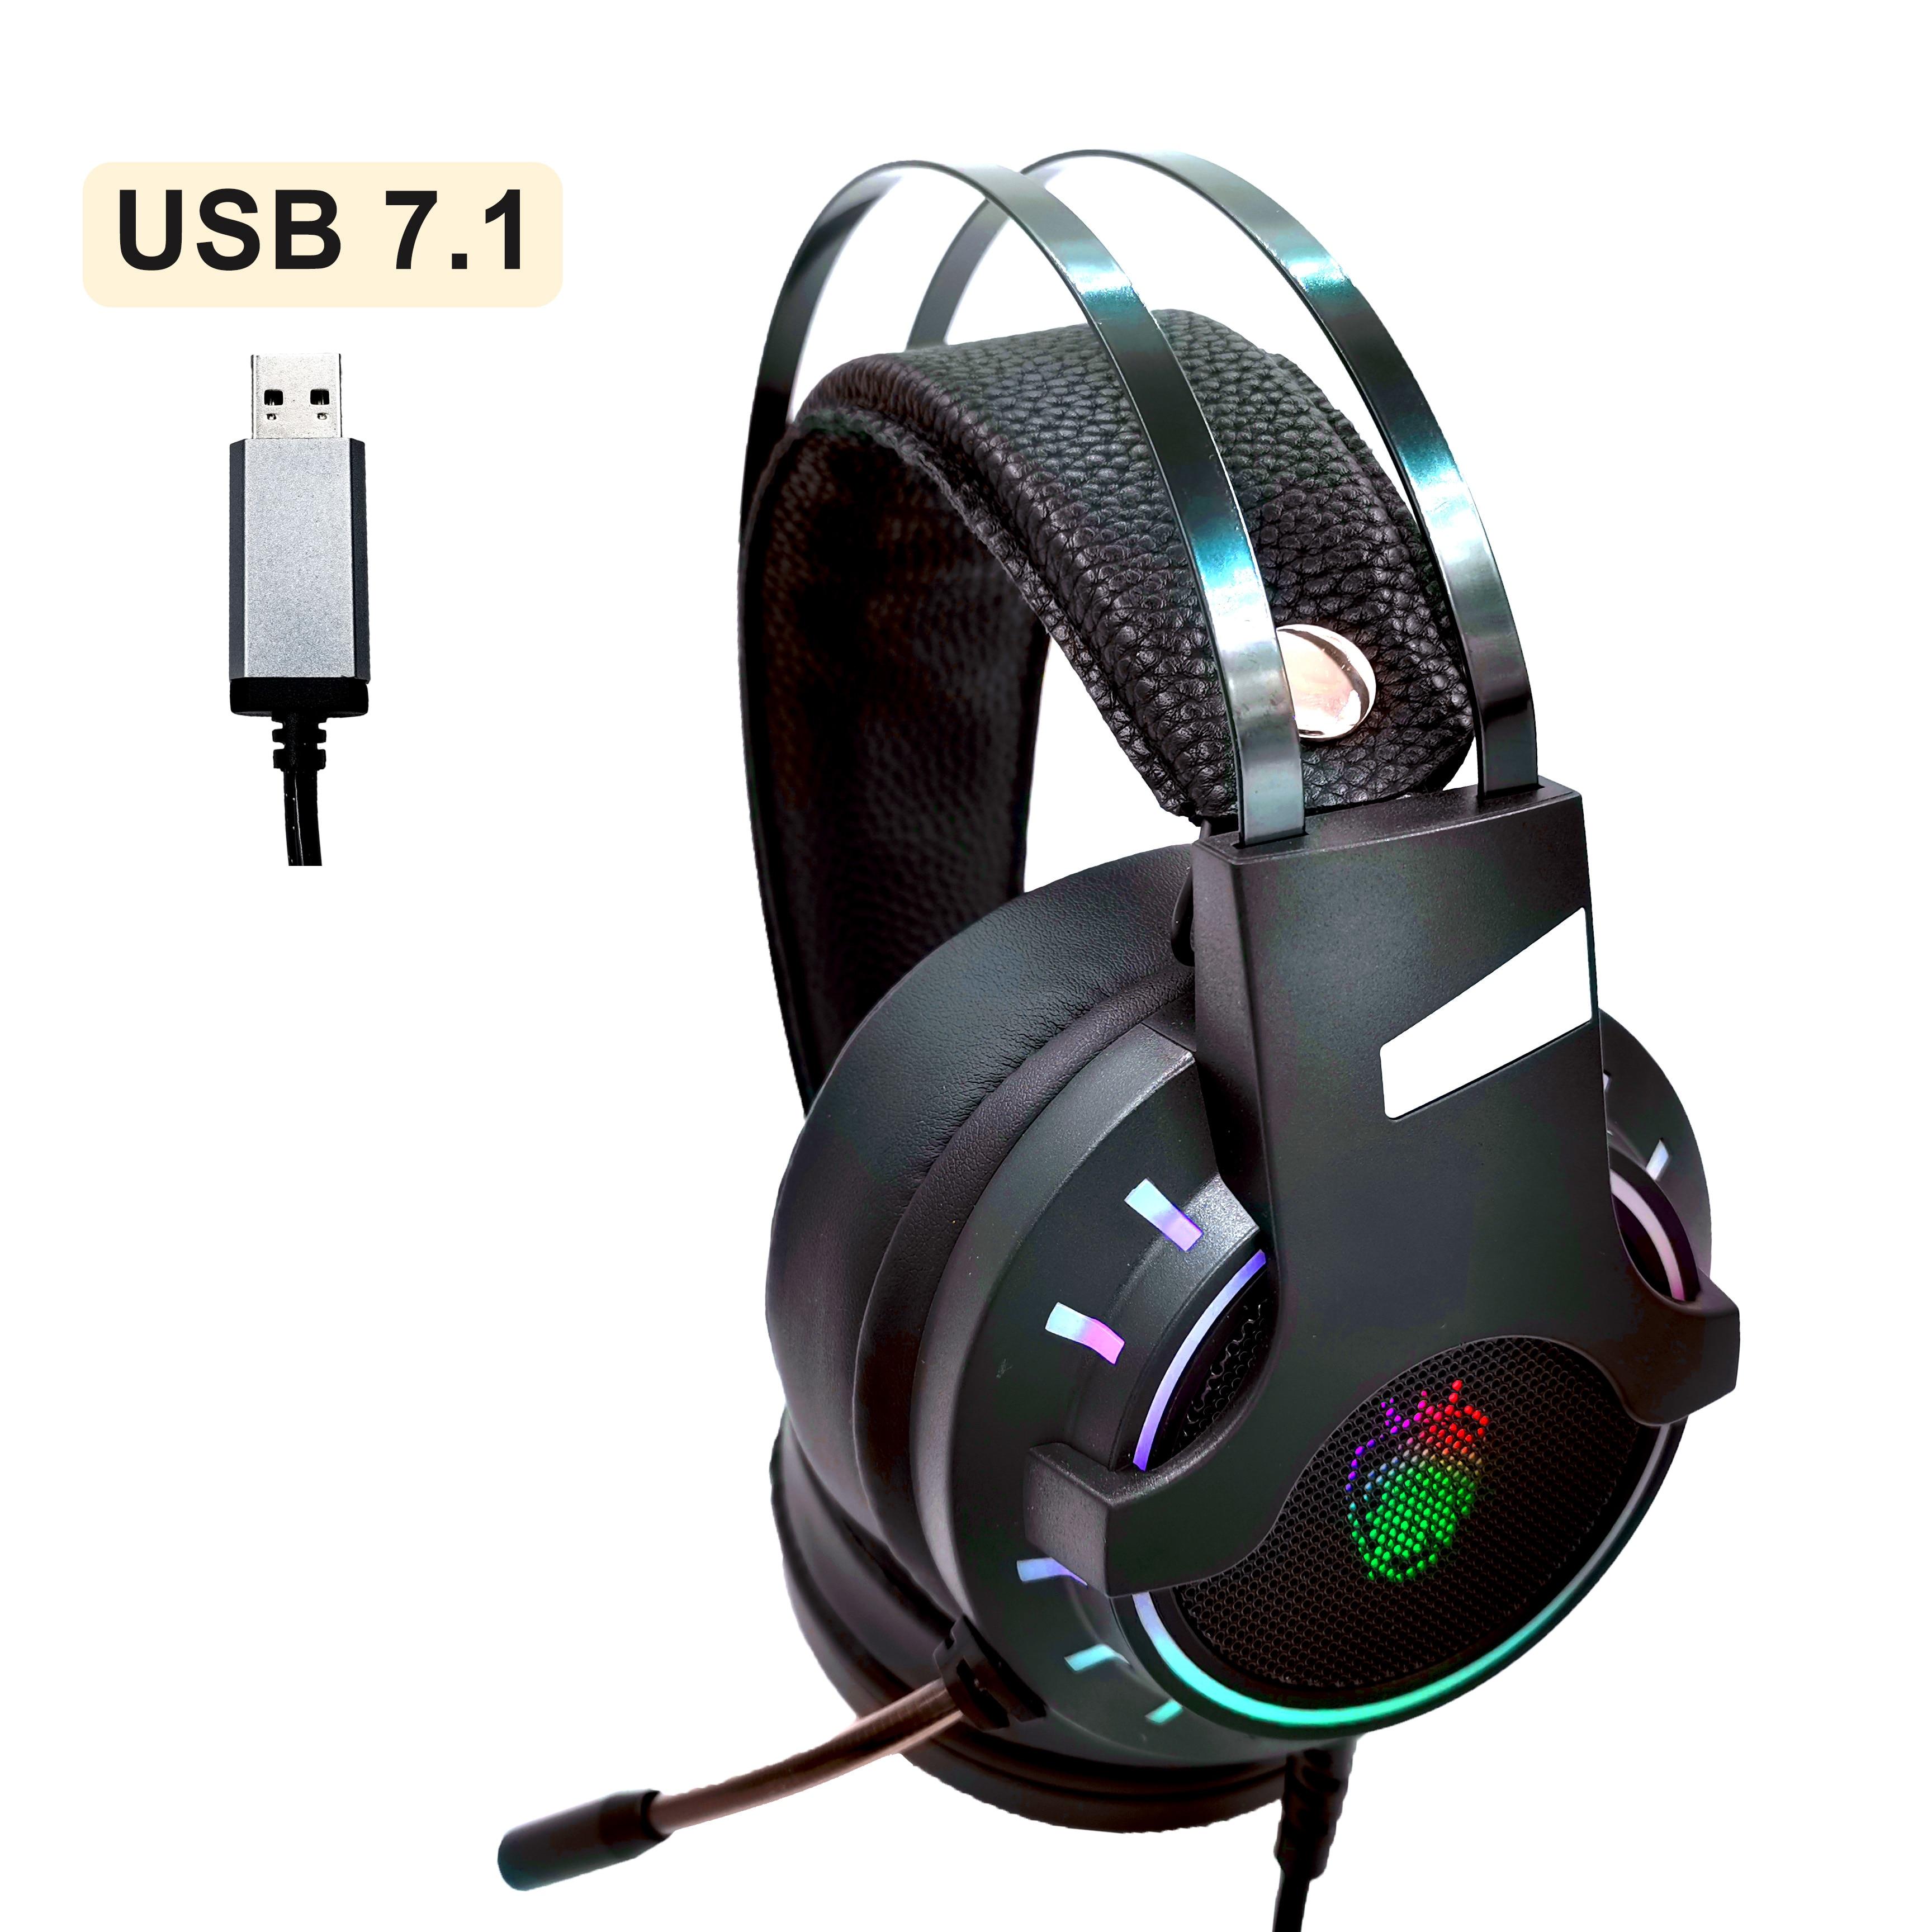 Auriculares USB 7,1 con cable para música y juegos, auriculares con micrófono estéreo, auriculares para juegos, luz RGB con bajos antirruido